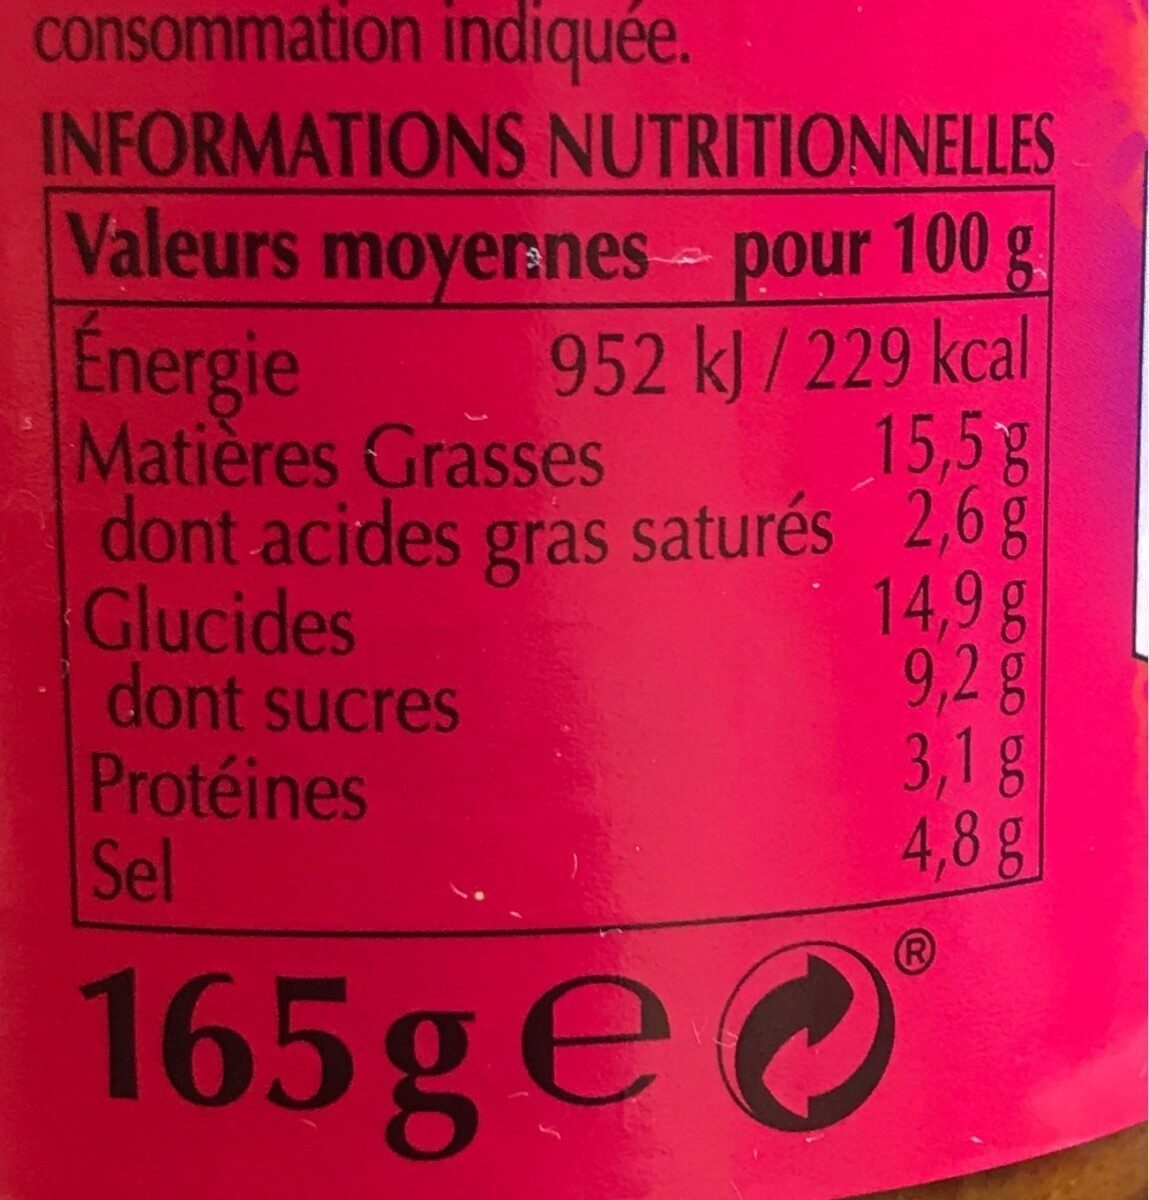 Pate de Curry Korma - Informations nutritionnelles - fr